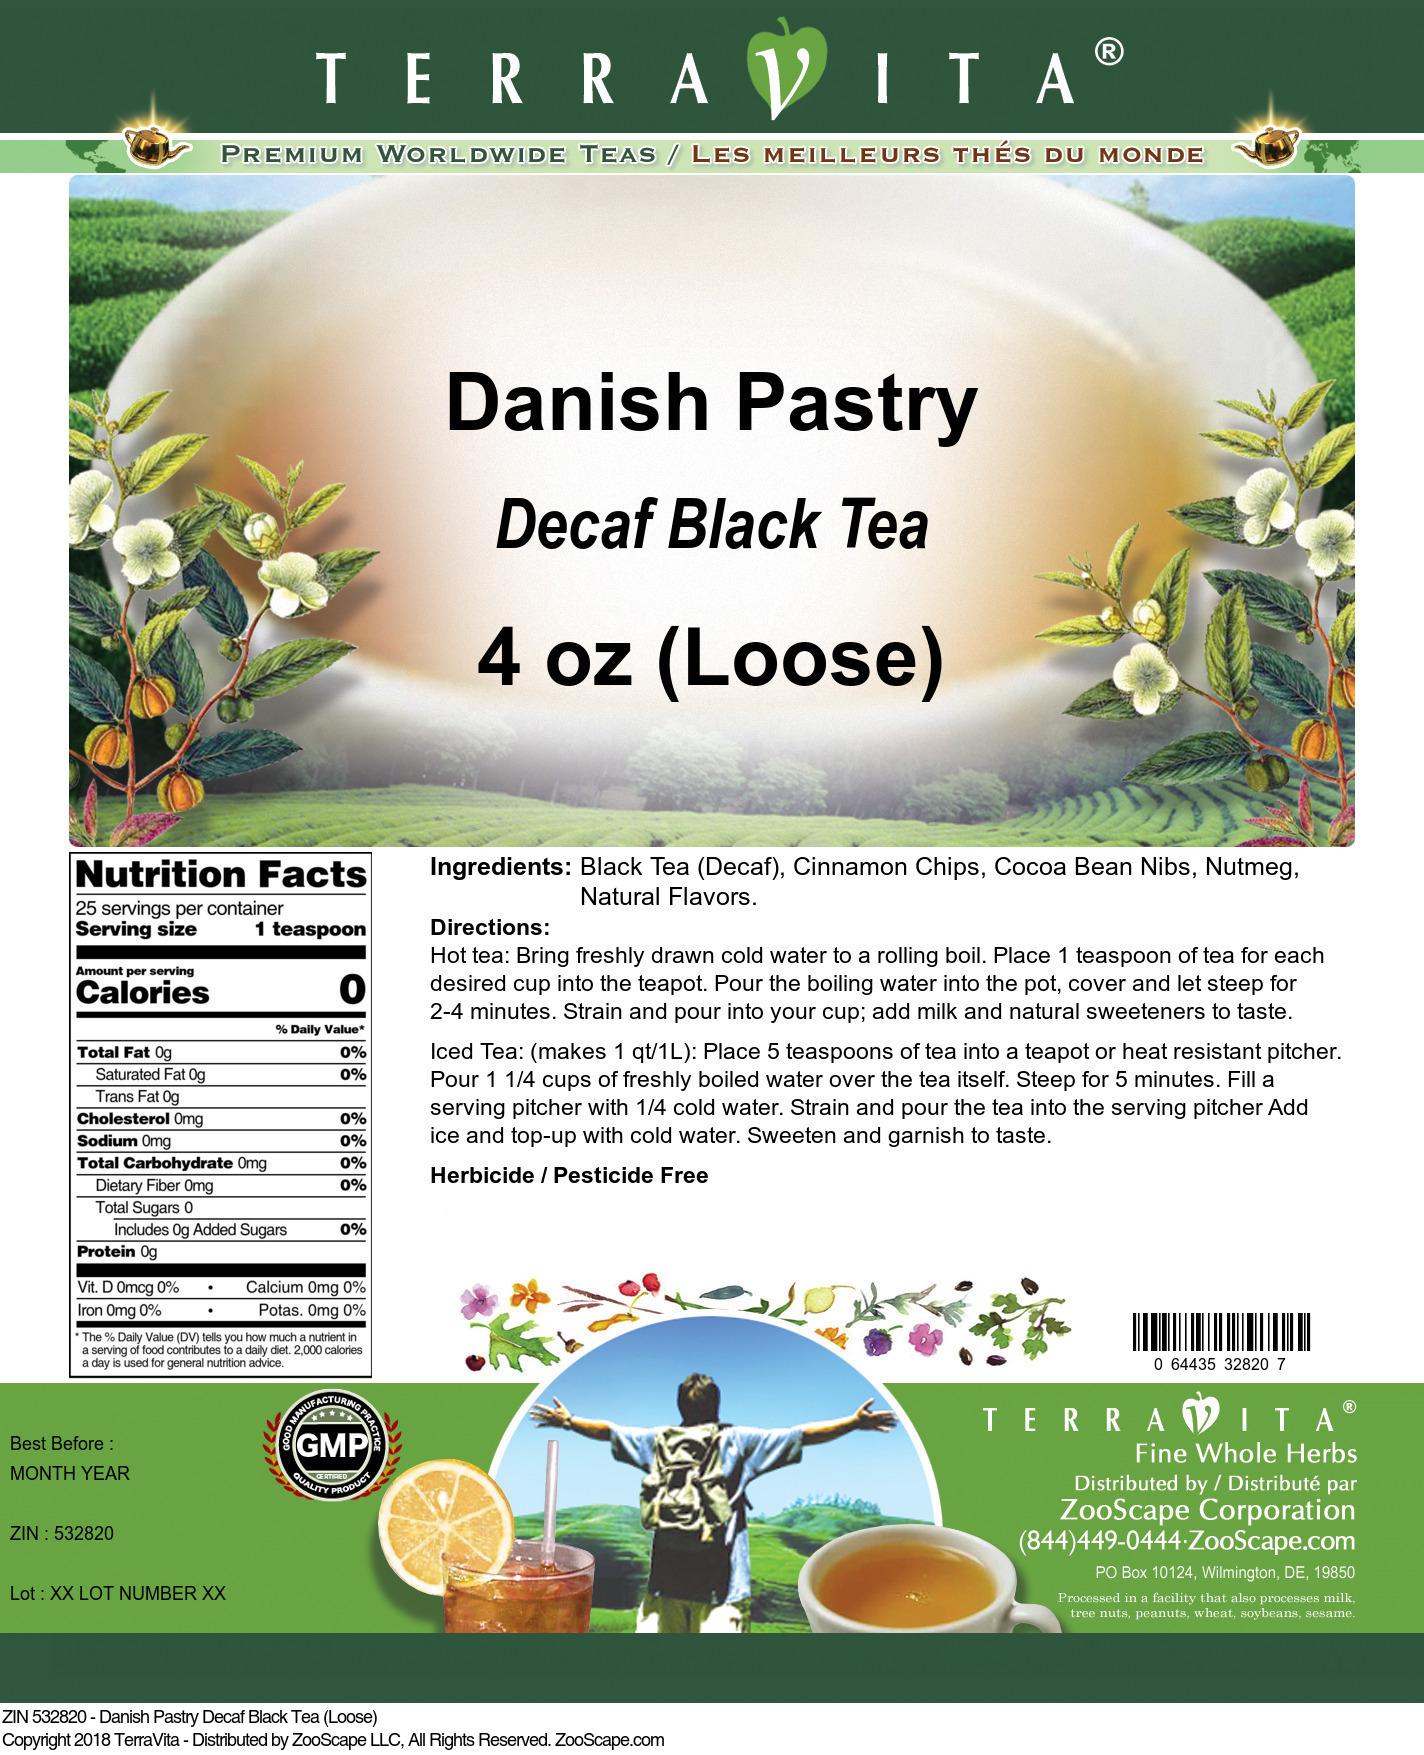 Danish Pastry Decaf Black Tea (Loose)